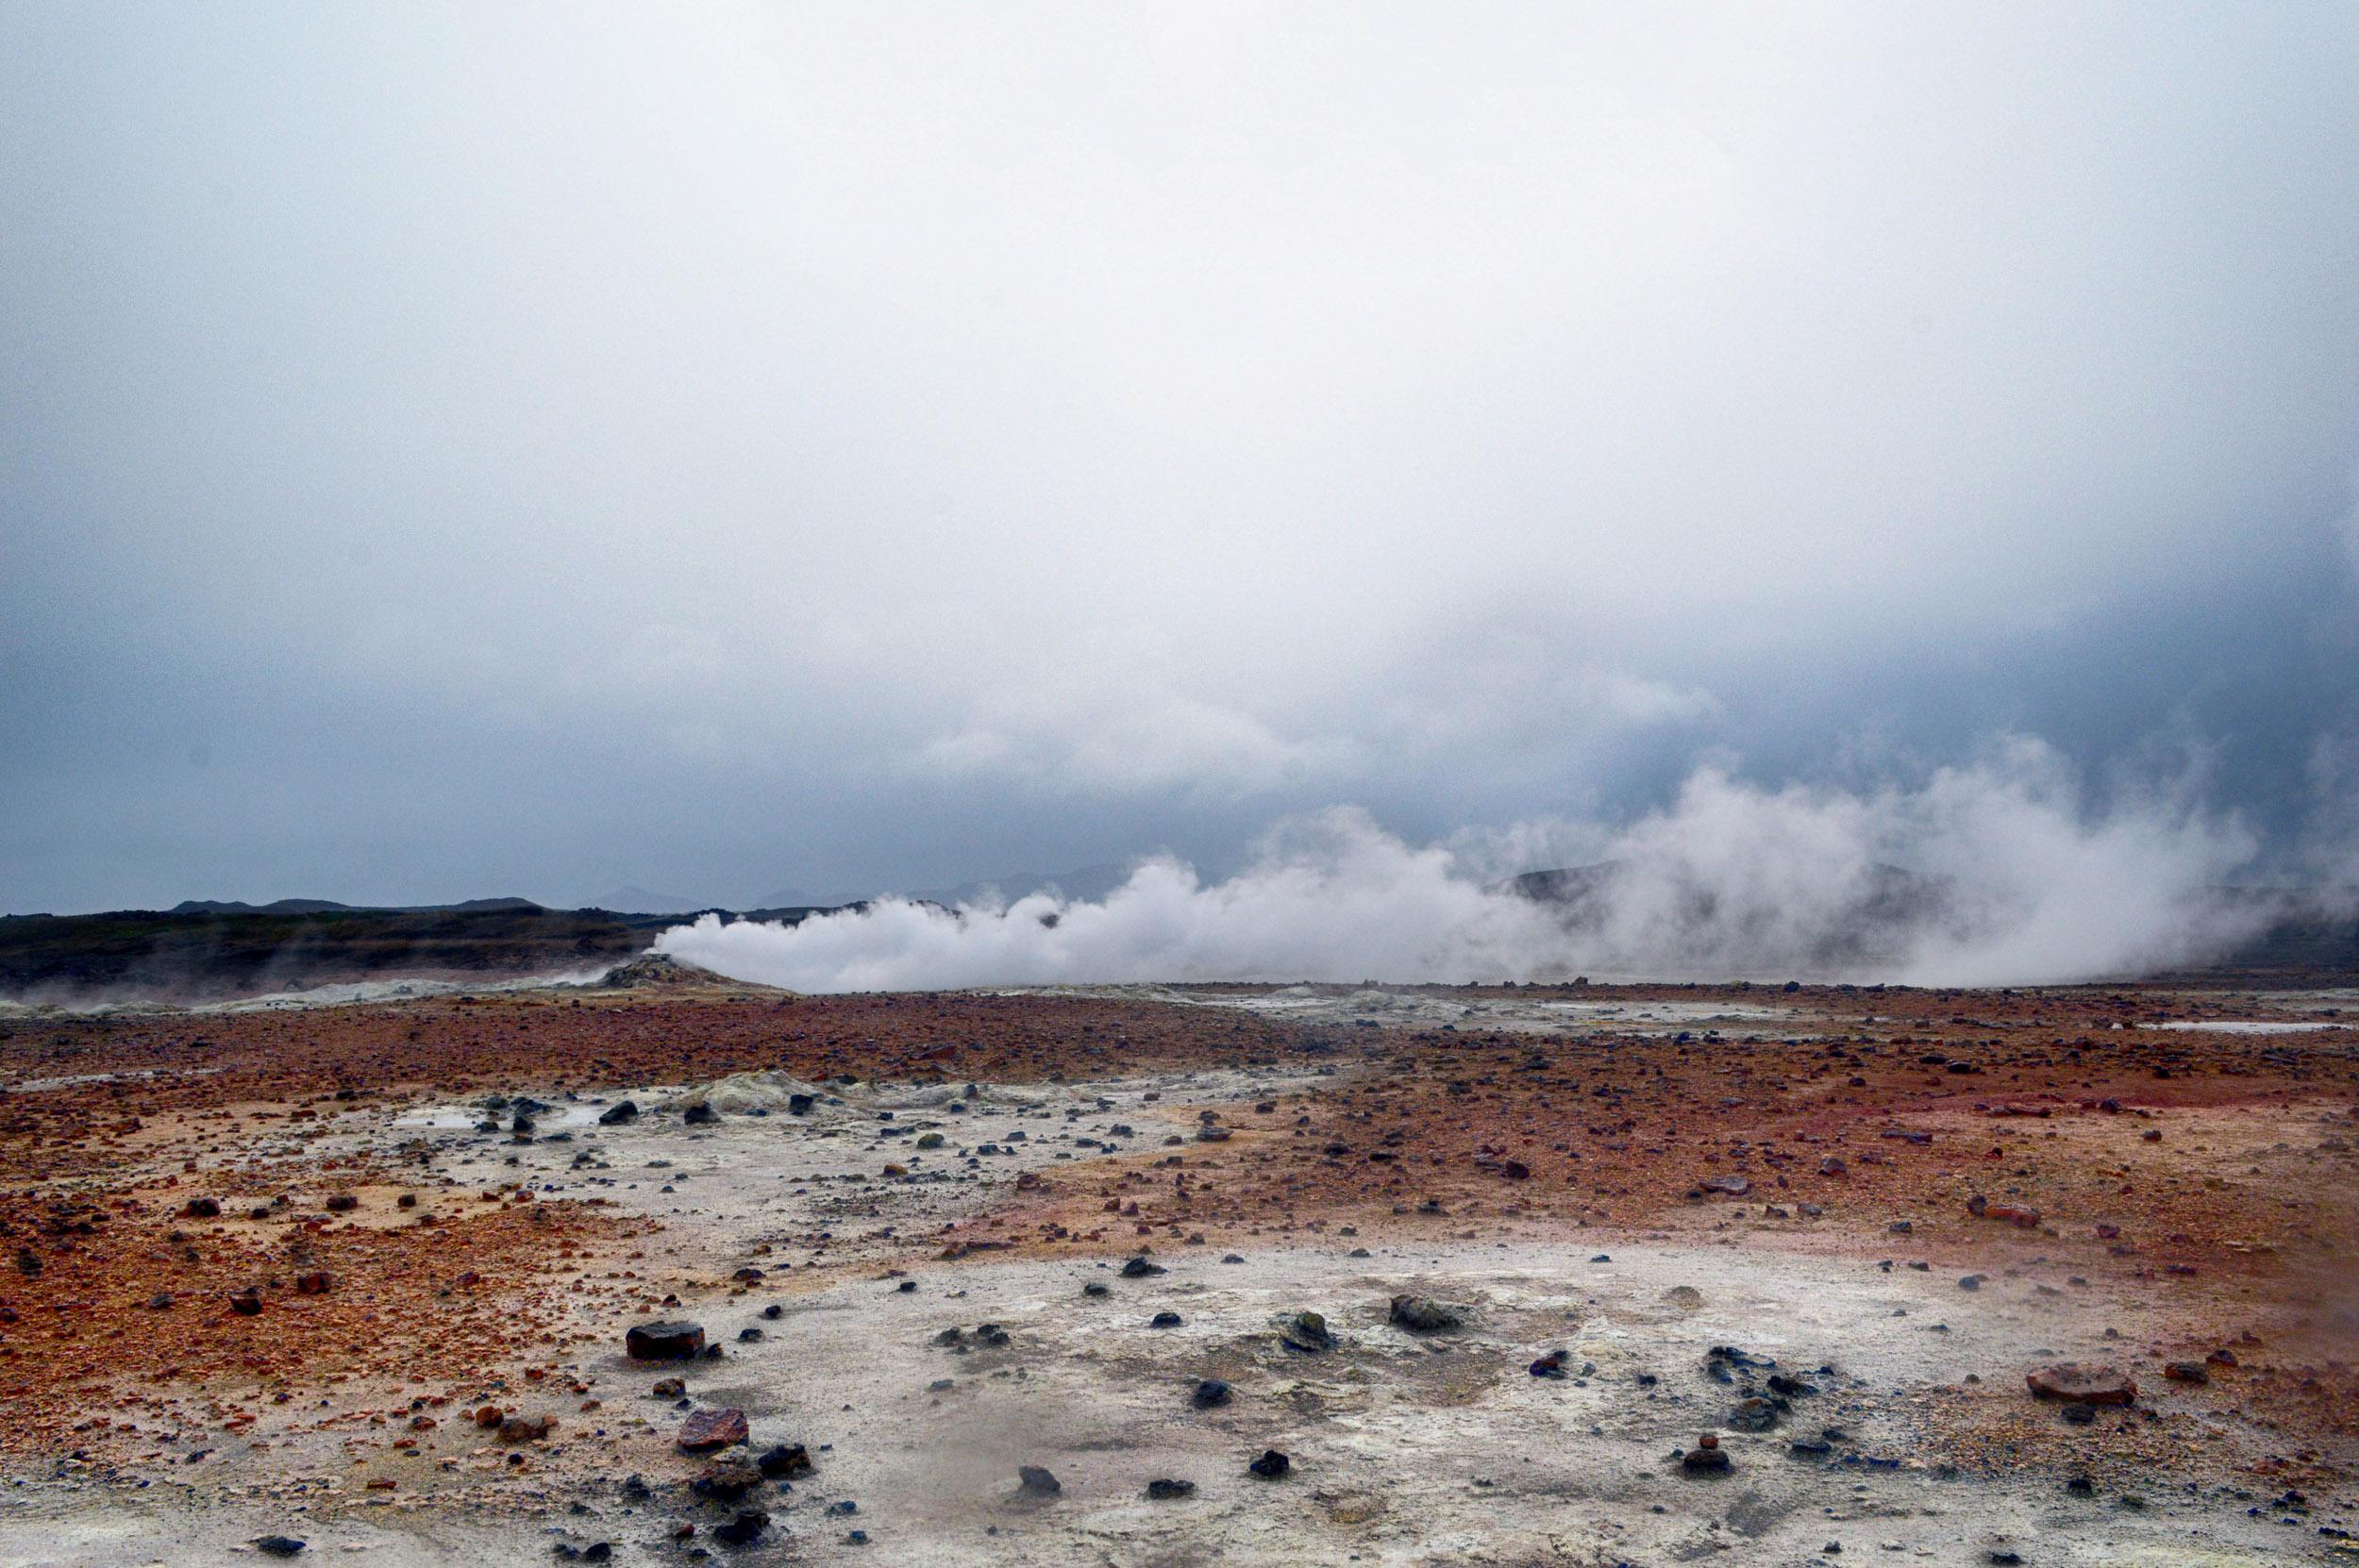 Categorie: Landscape & Nature, Reportage - Photographer: FRANCESCA FERRARI - Location: Islanda